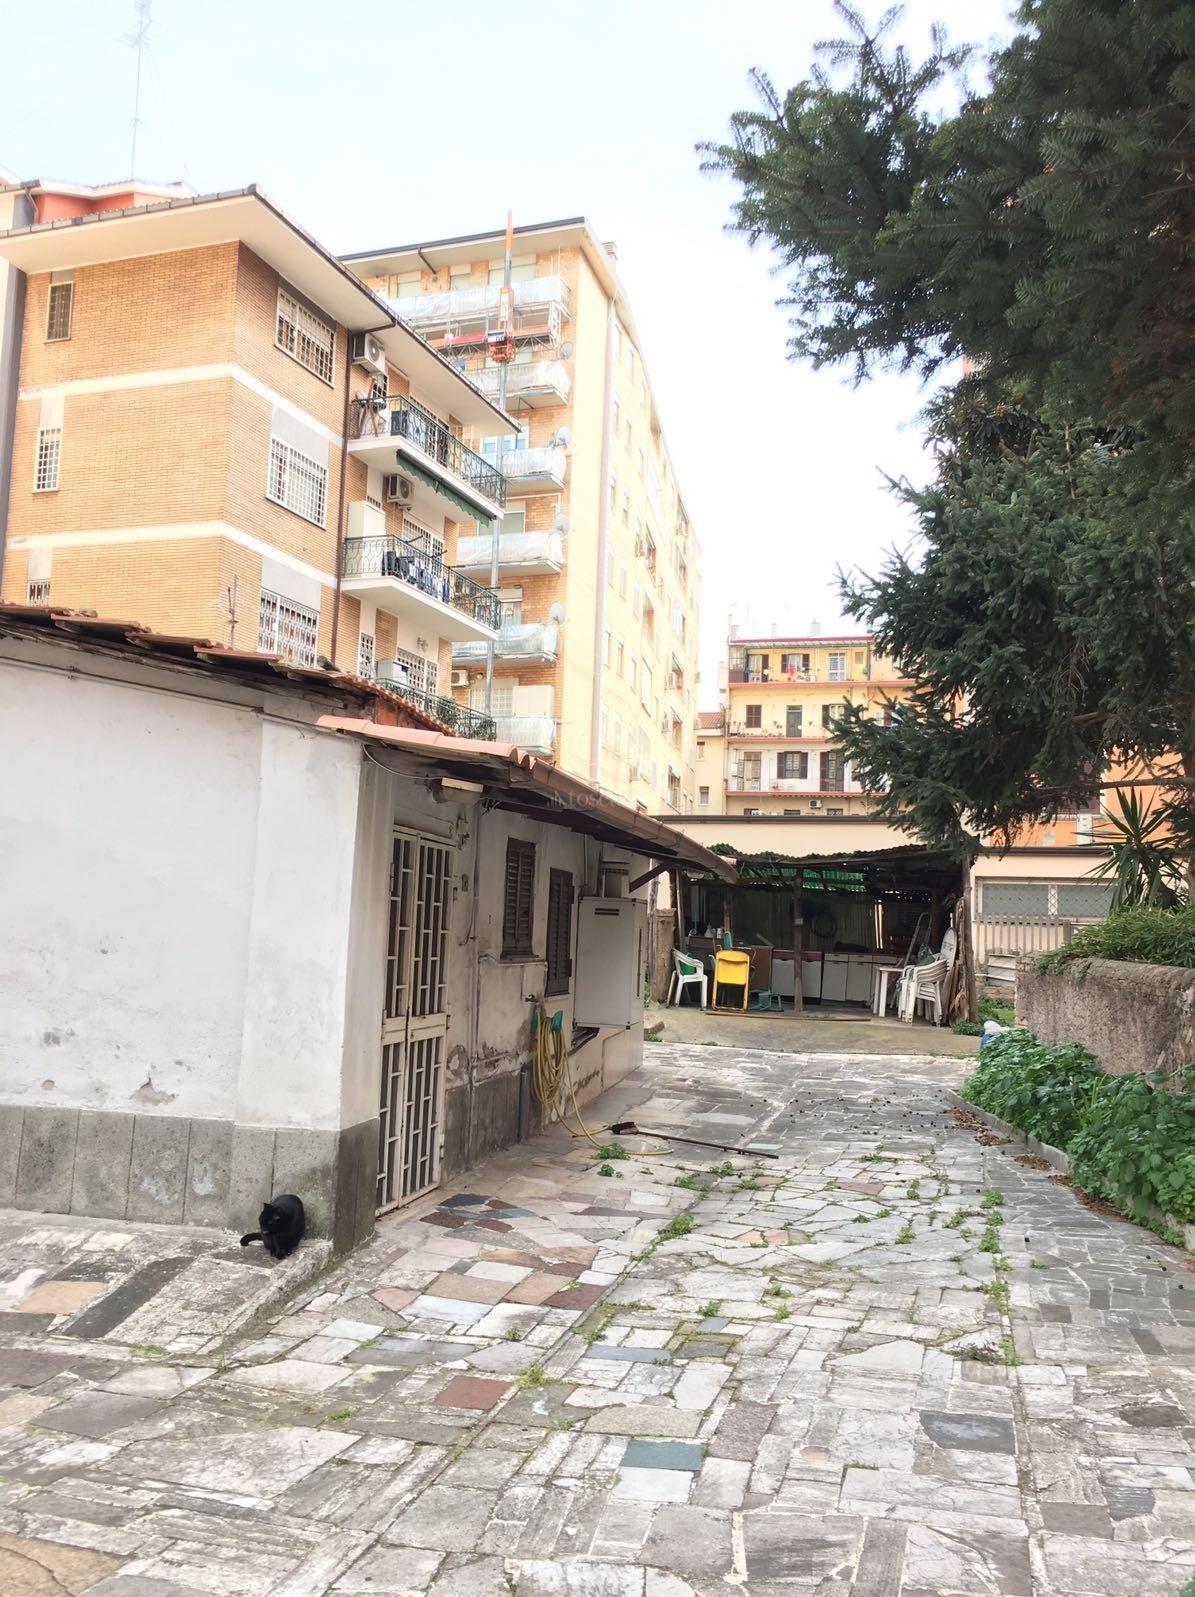 Vendita casa indipendente a roma in via alba appia nuova for Casa a roma vendita